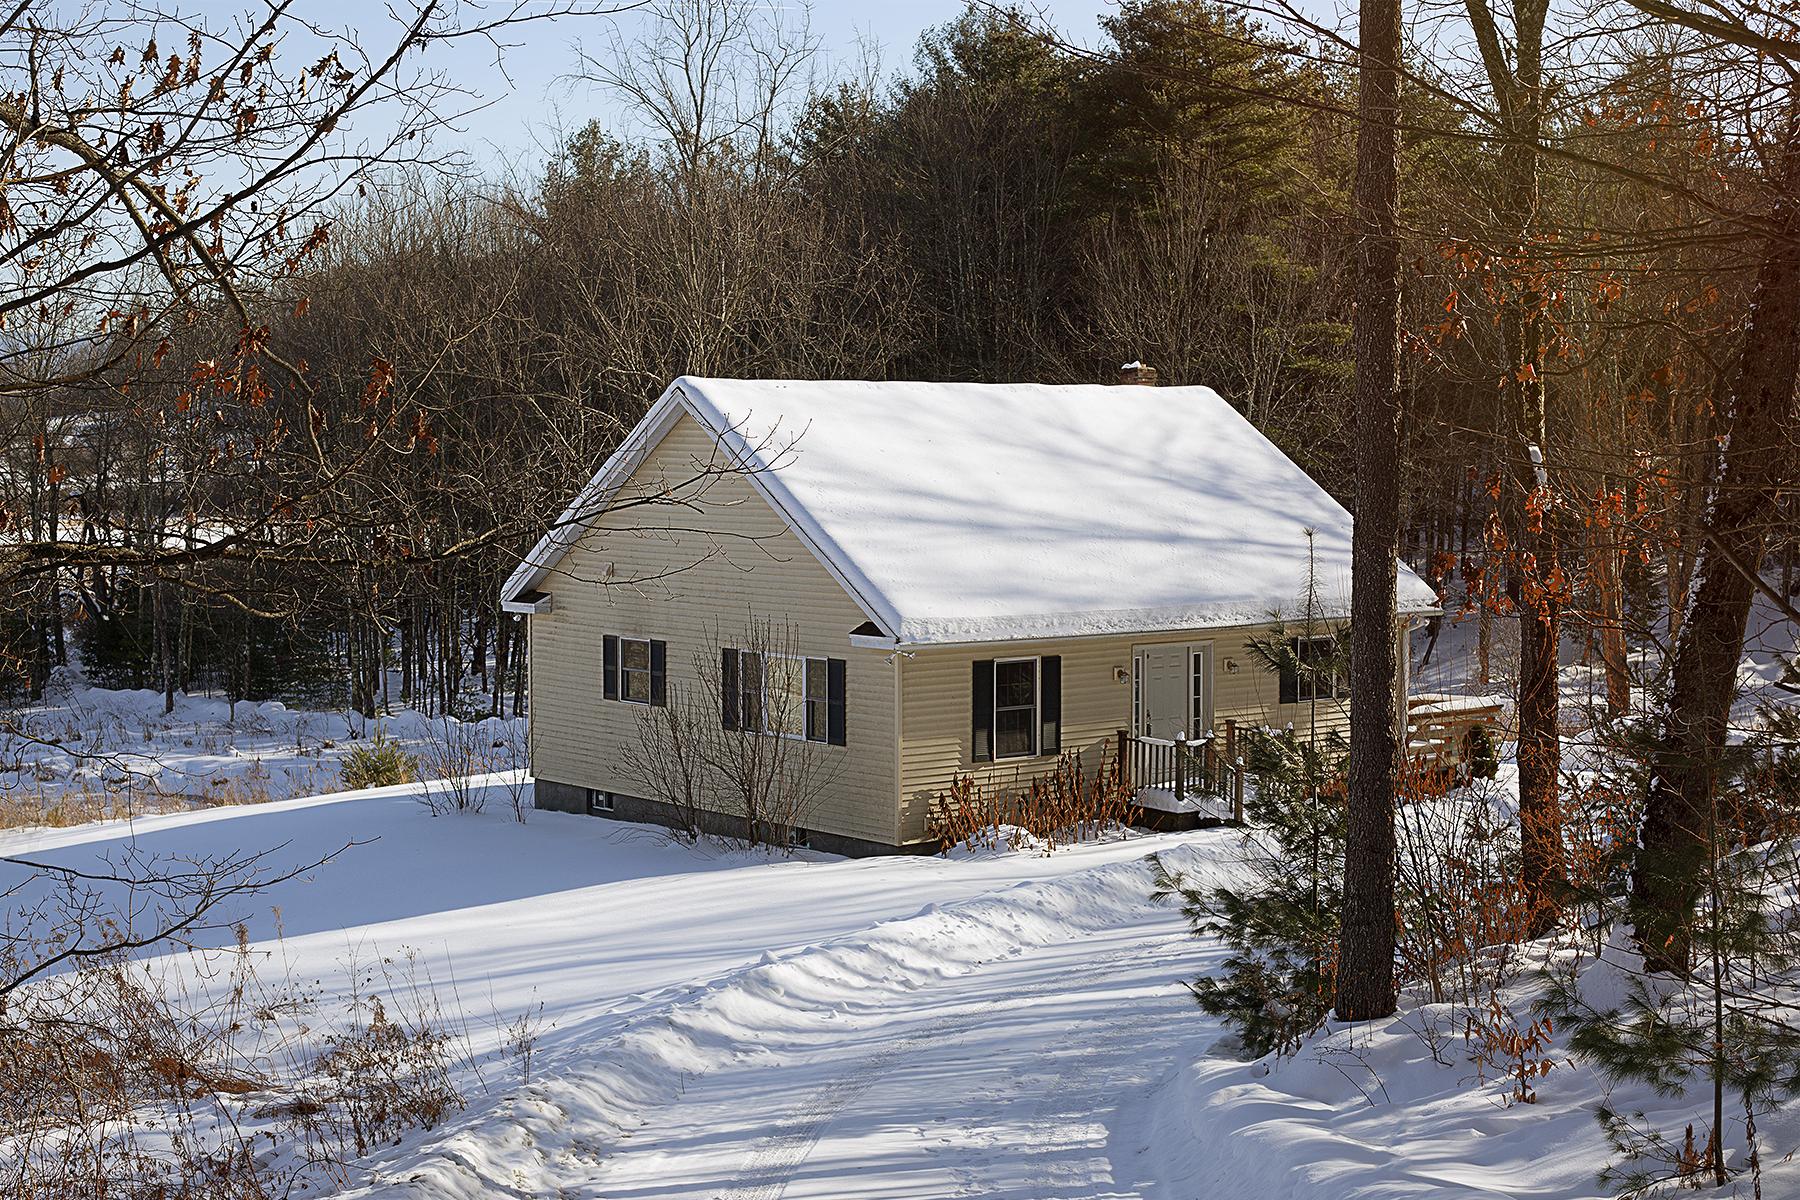 2246 Rt 18 winter main.jpg